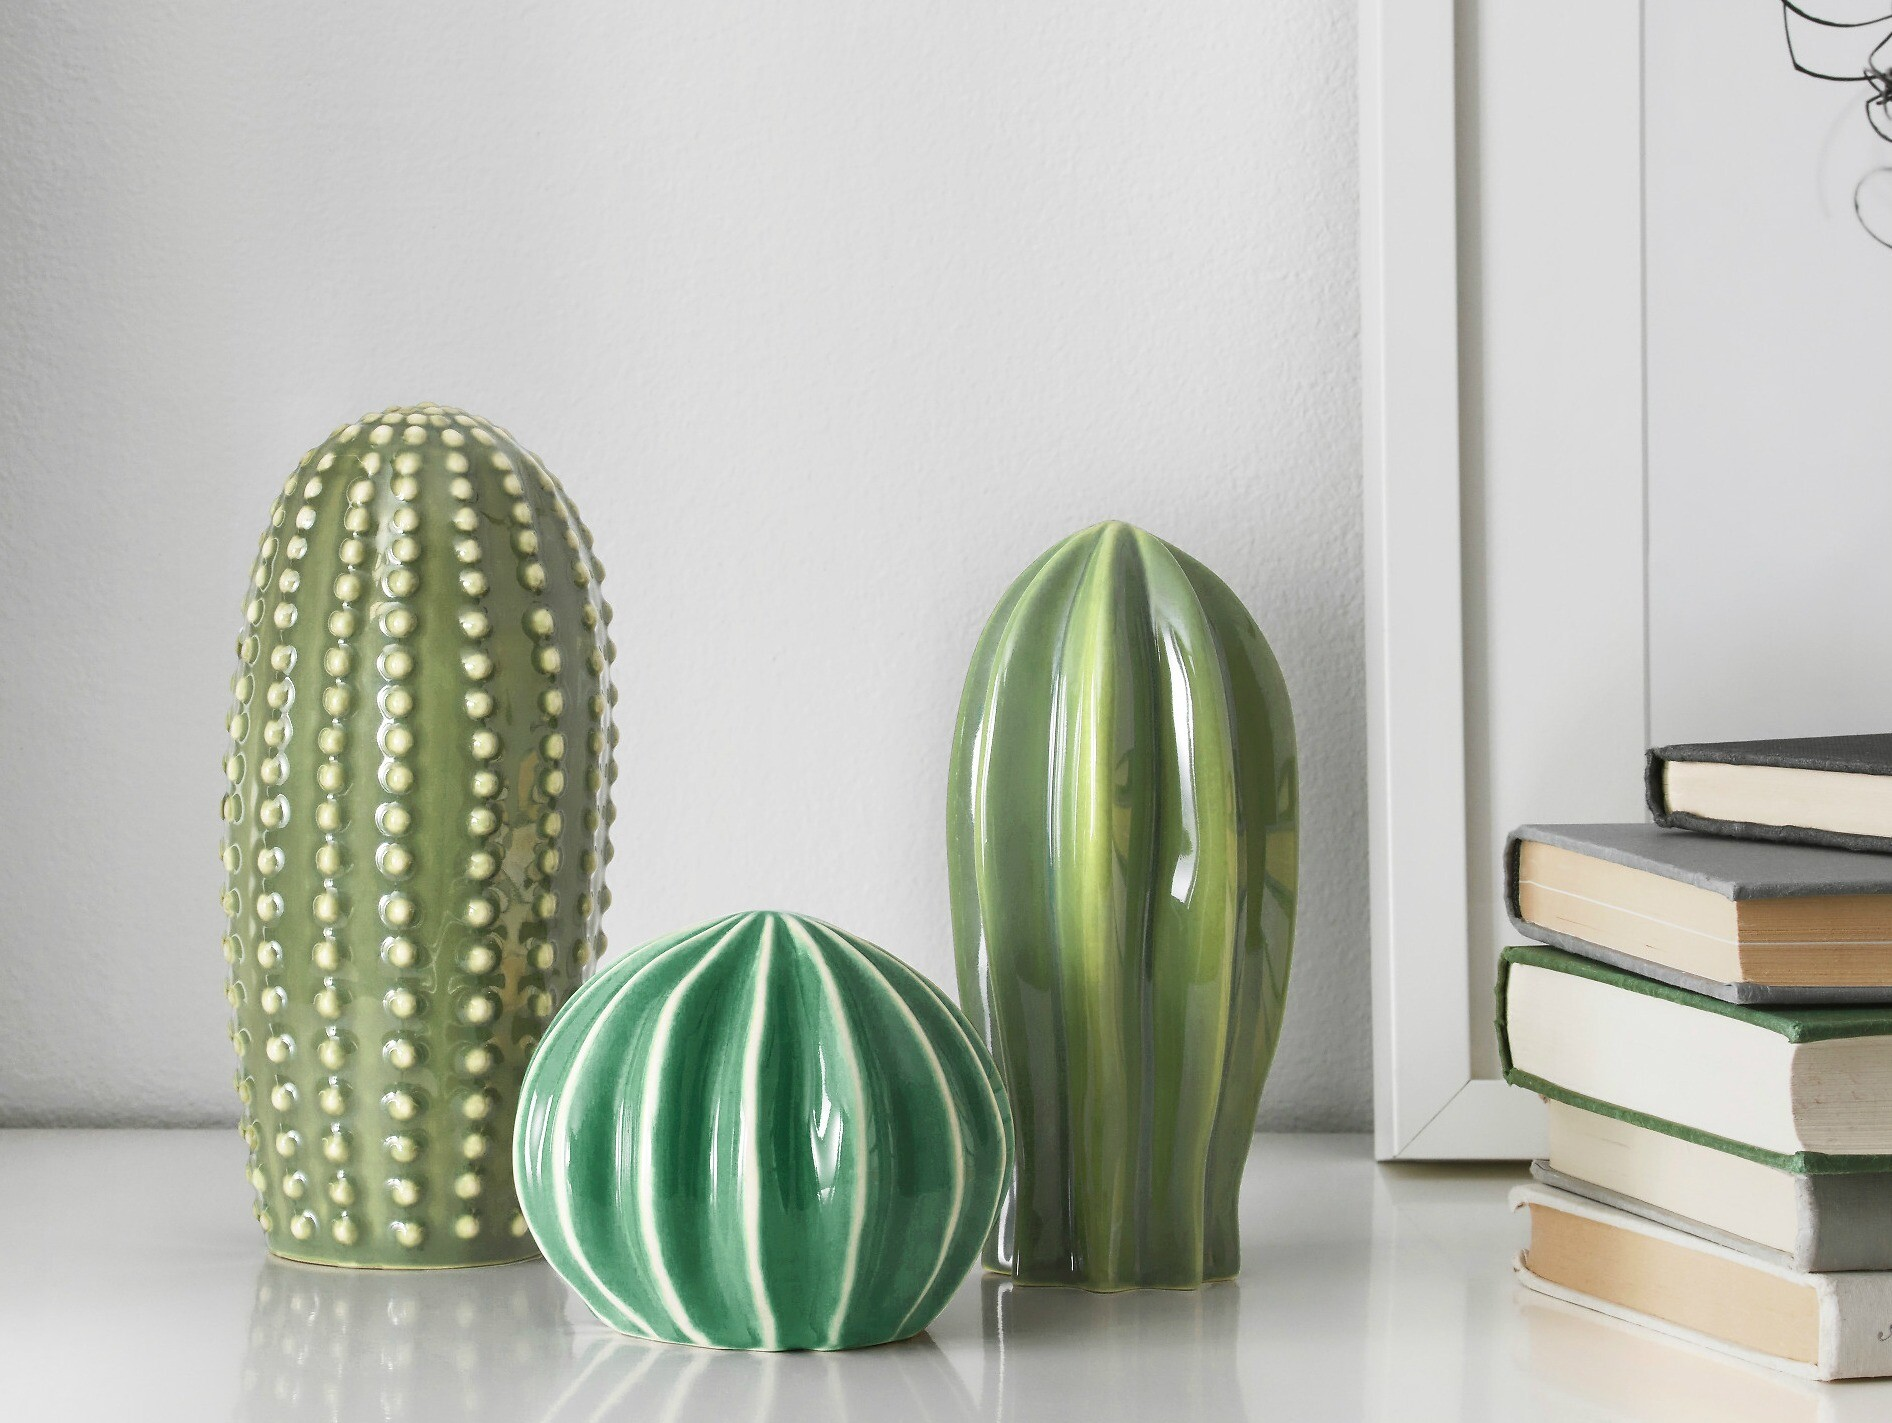 Лайфхак: «правило трех», которое поможет грамотно и стильно разместить декор и мебель